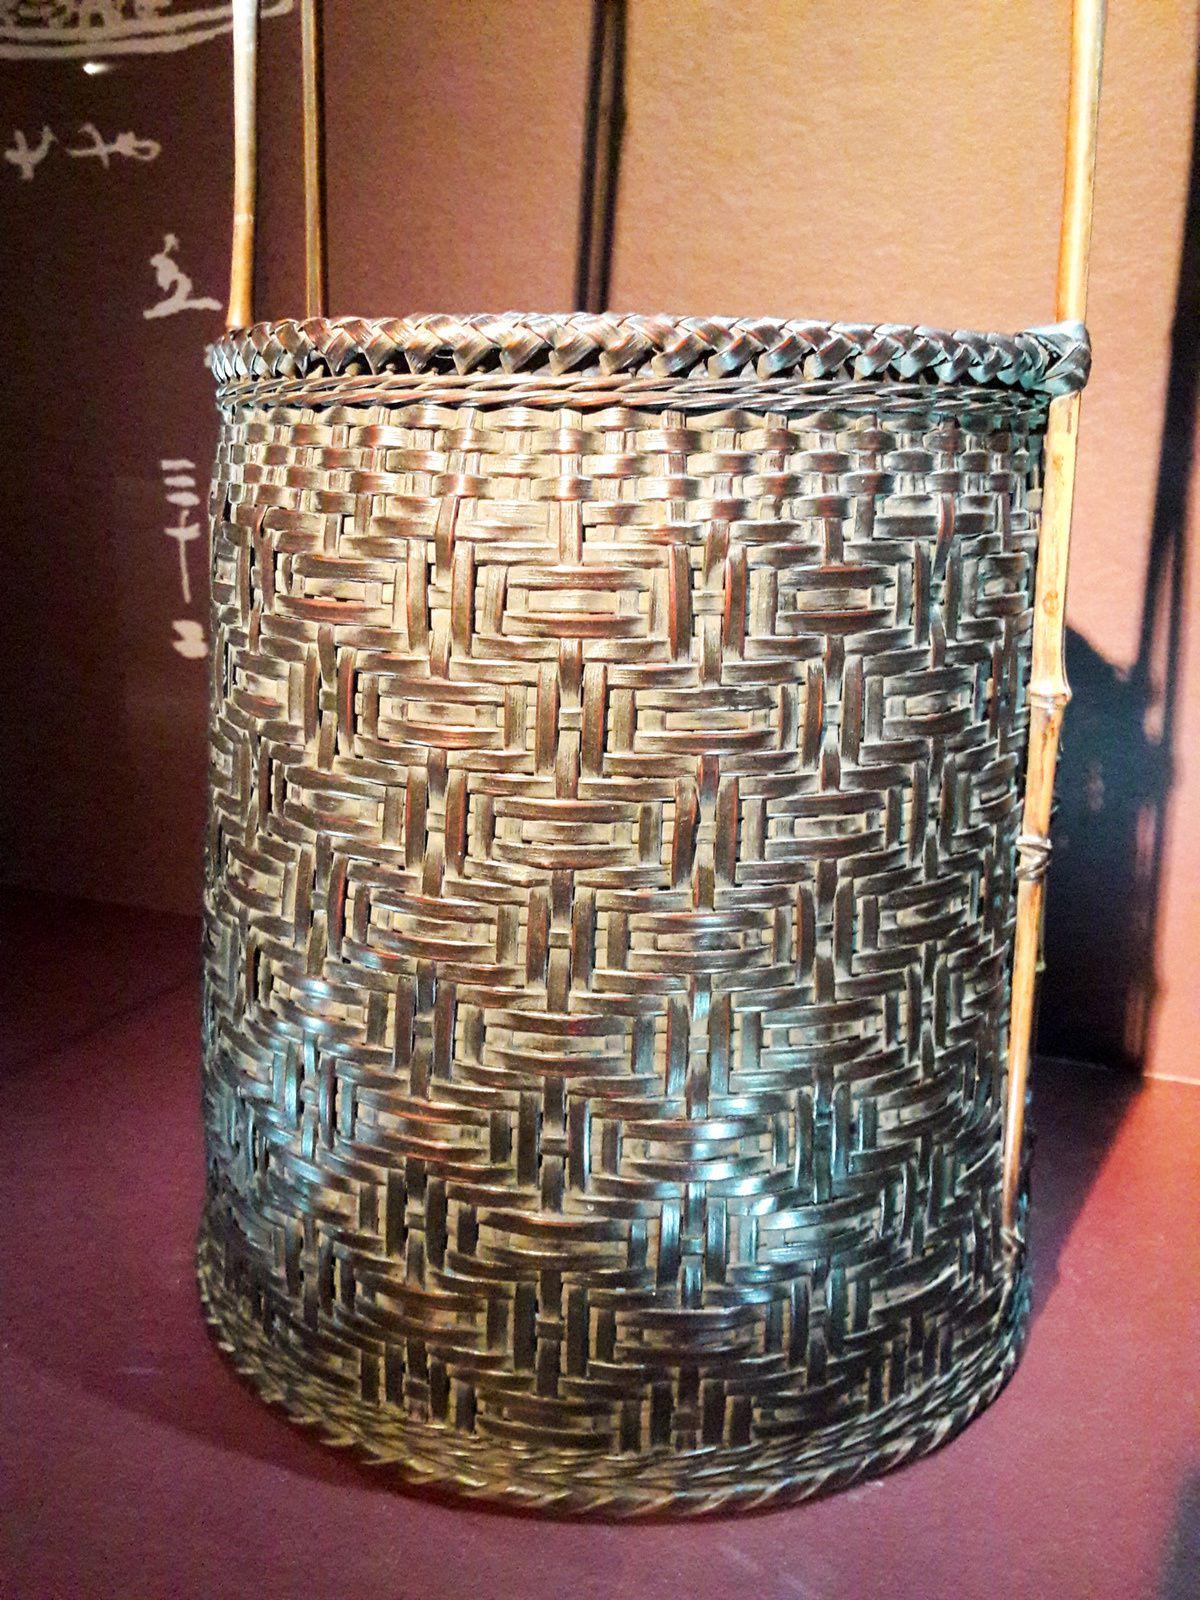 Fendre l'air : l'art de la vannerie en bambou au Japon à découvrir au musée du Quai Branly jusqu'au 7 avril 2019